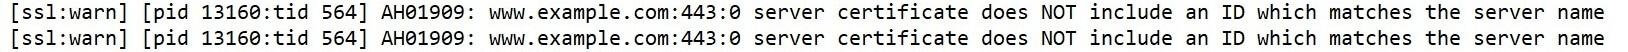 """O """"Certificado de servidor NÃO inclui uma identificação que corresponda ao nome do servidor"""" mensagem."""